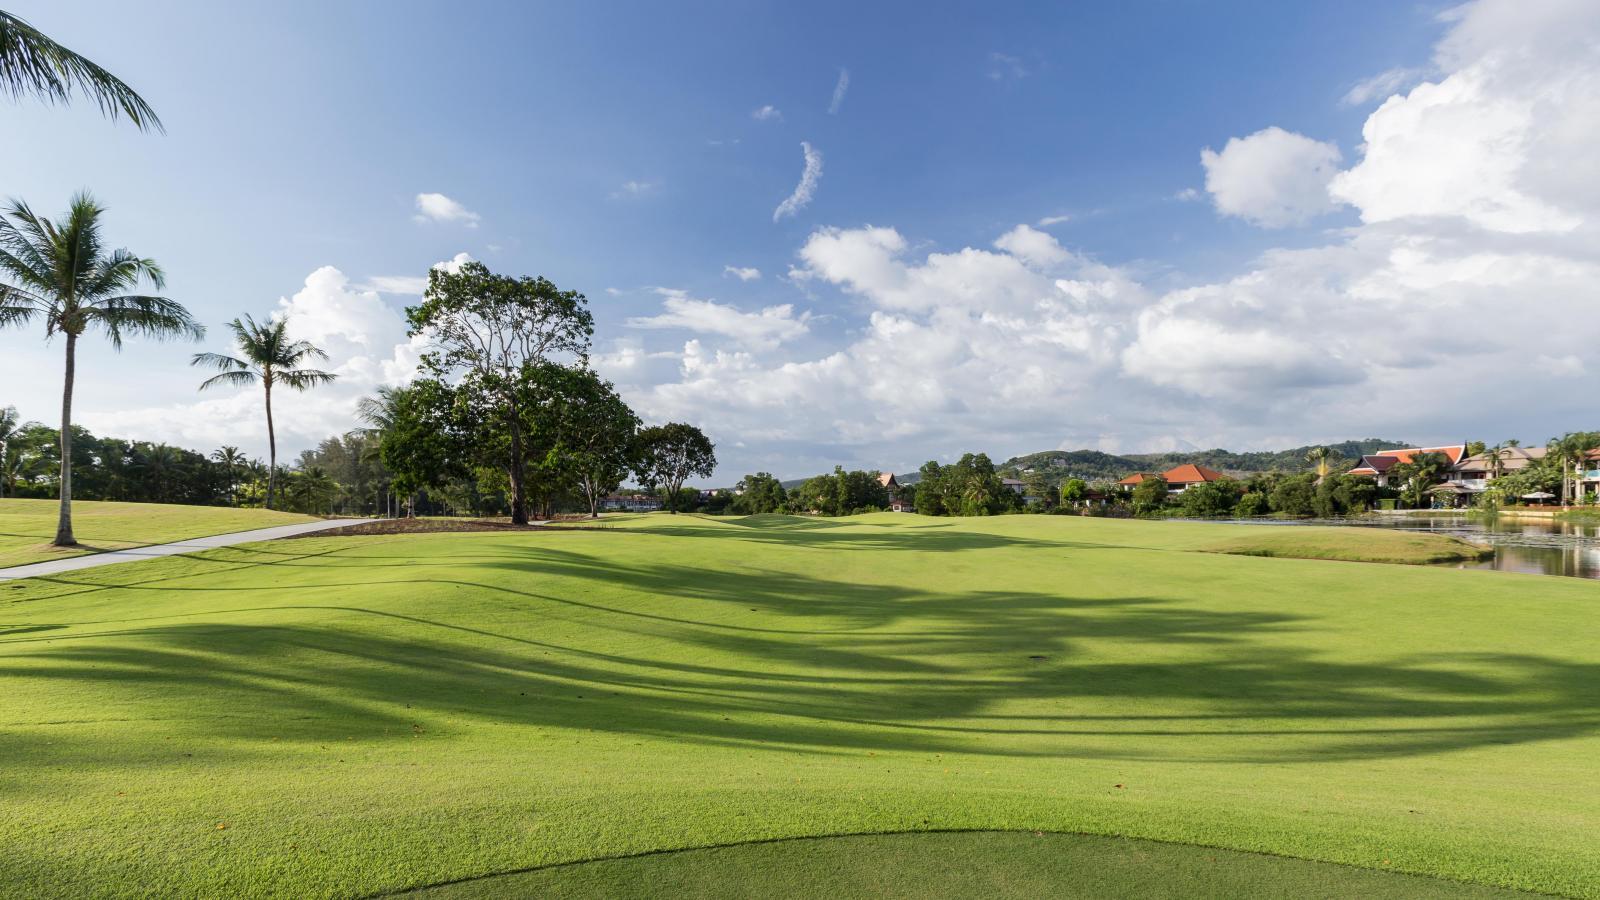 Laguna golf phuket book golf online golfscape - Golf cart rentals garden city sc ...